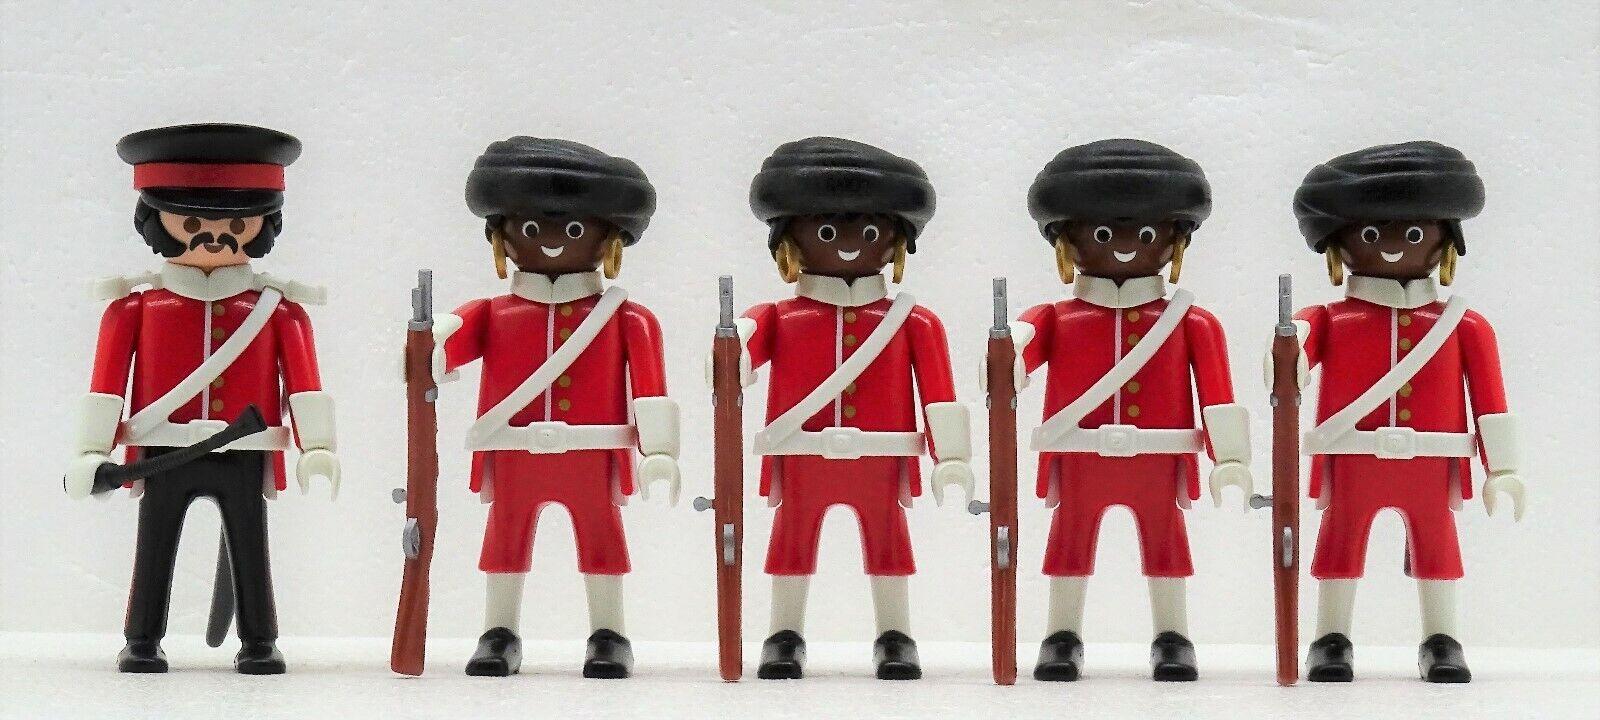 Garde  Royal Colonial Soldats Playmobil à 4577 Coloniale Askari Garde Briten RAR  il y a plus de marques de produits de haute qualité